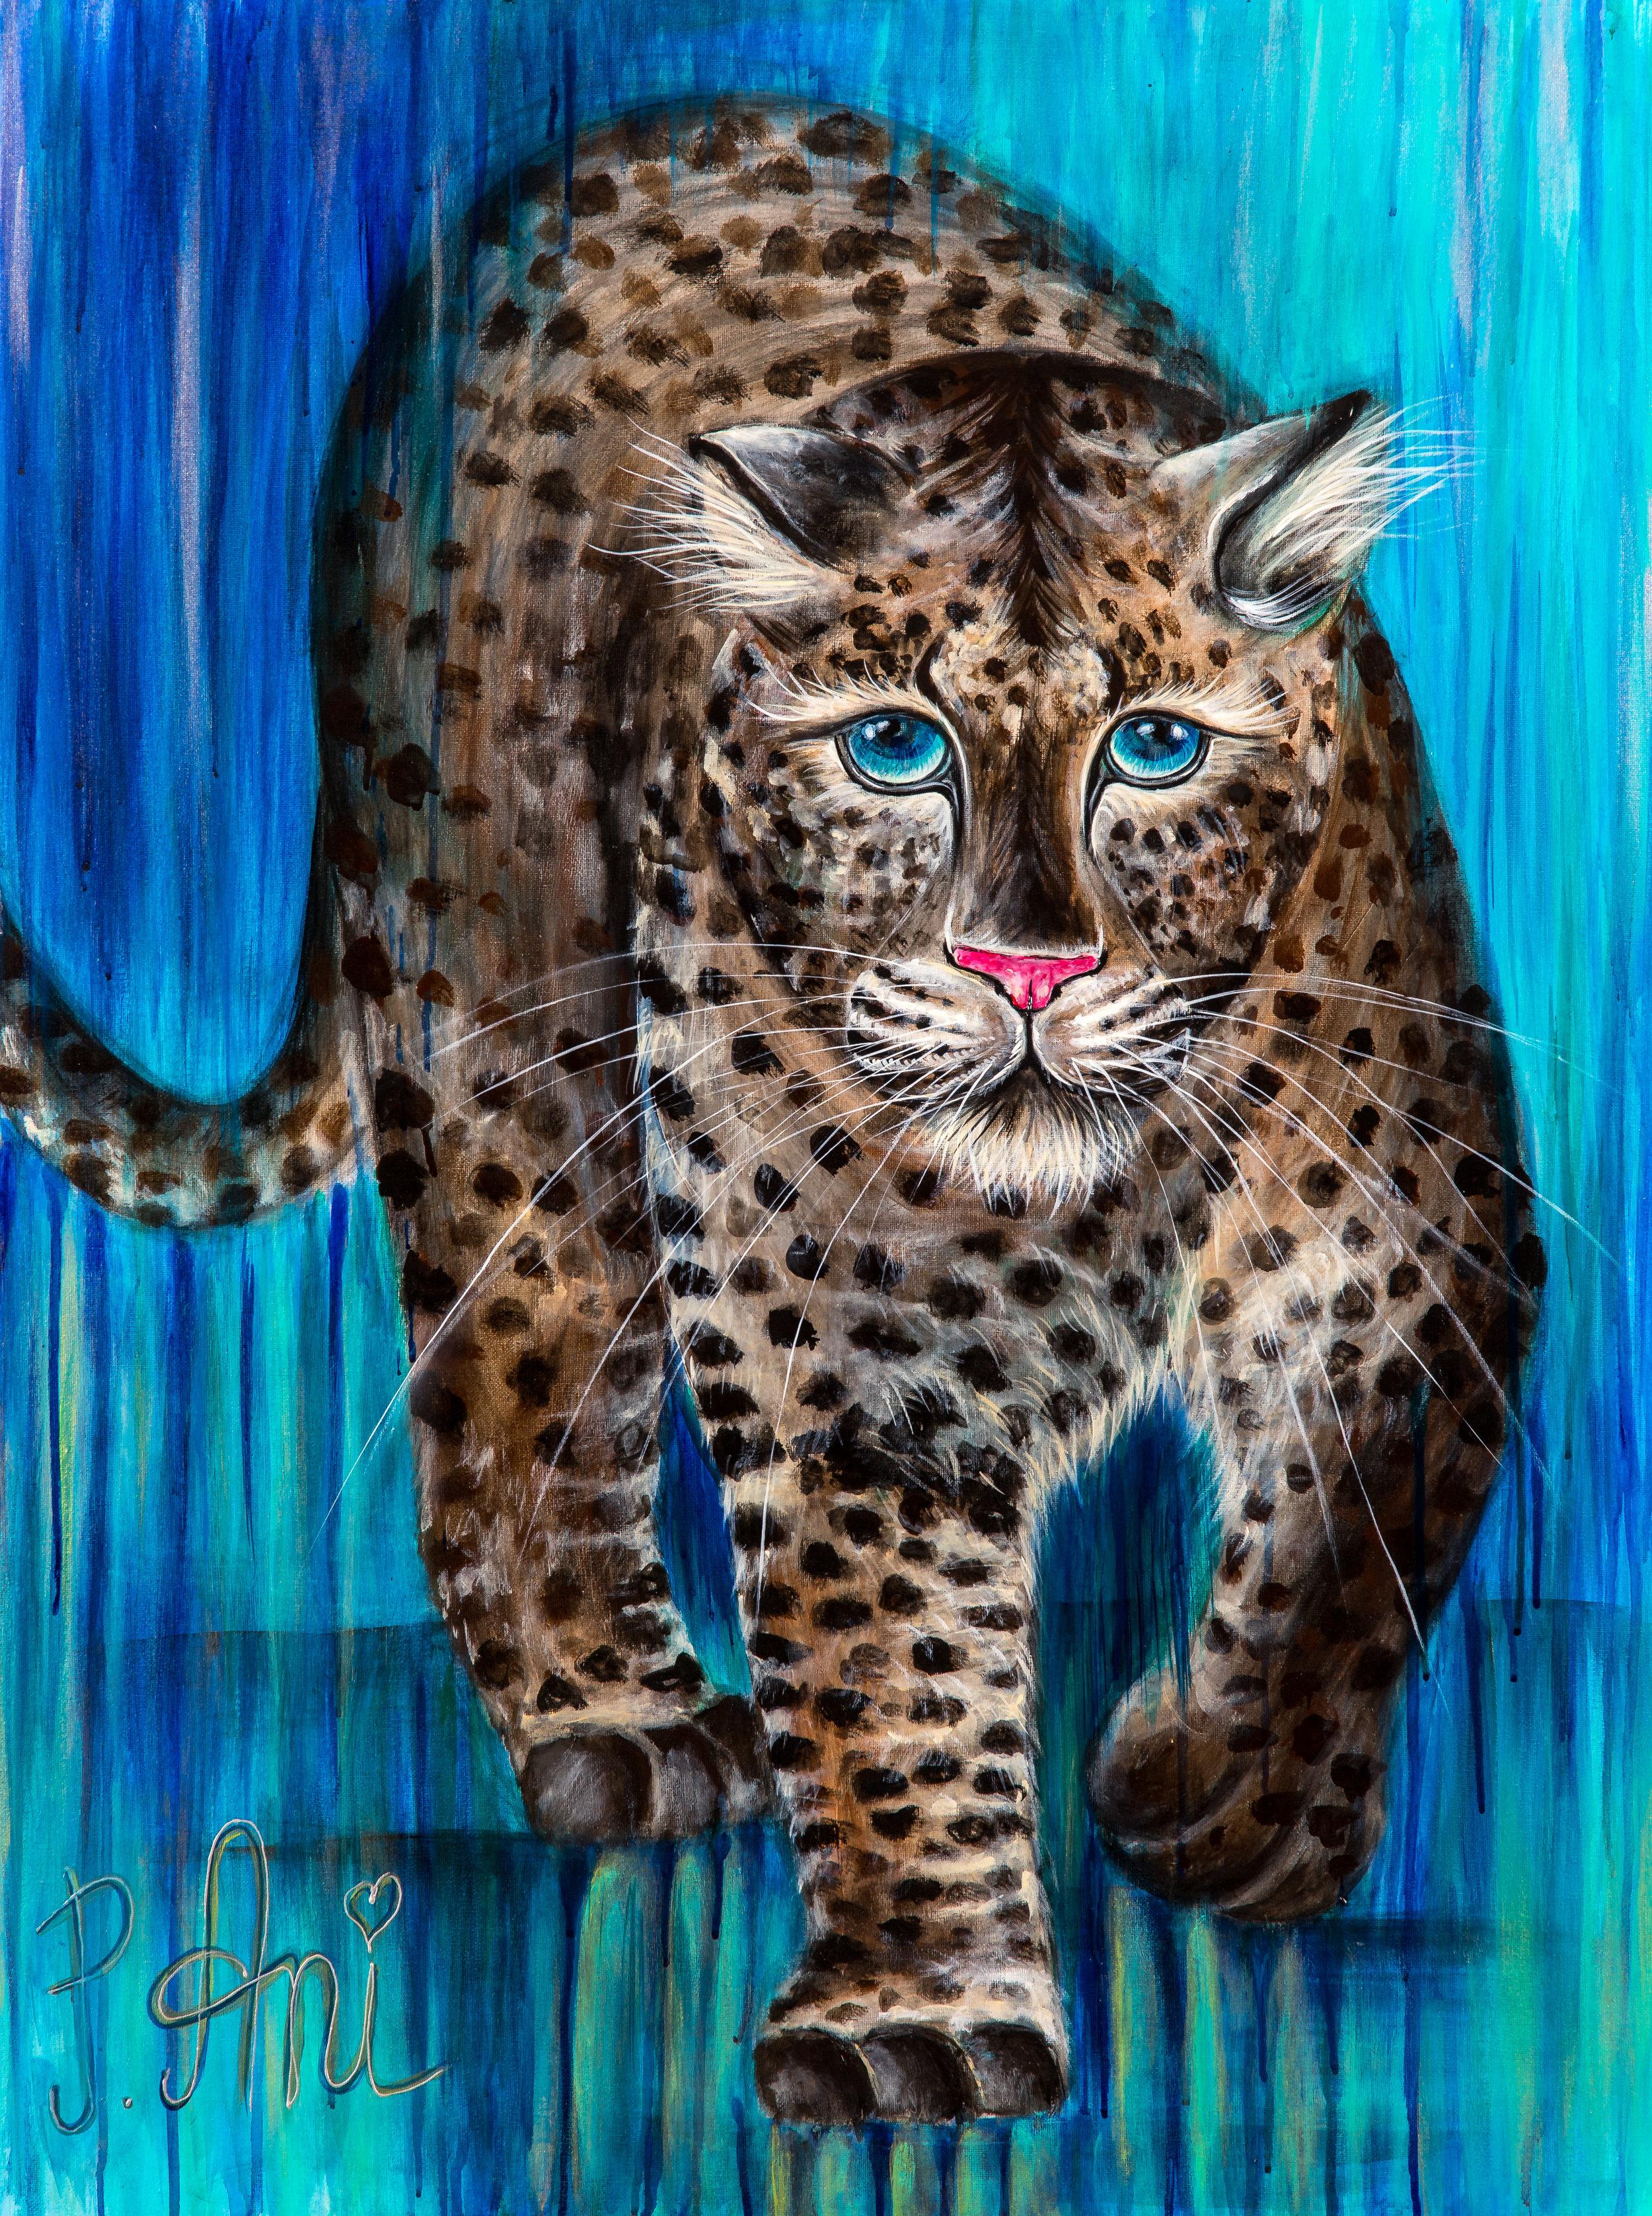 Le Léopard aux yeux bleus:  Peinture acrylique sur toile 3D, 100cm x 75cm  Prix: 750€ + frais de port